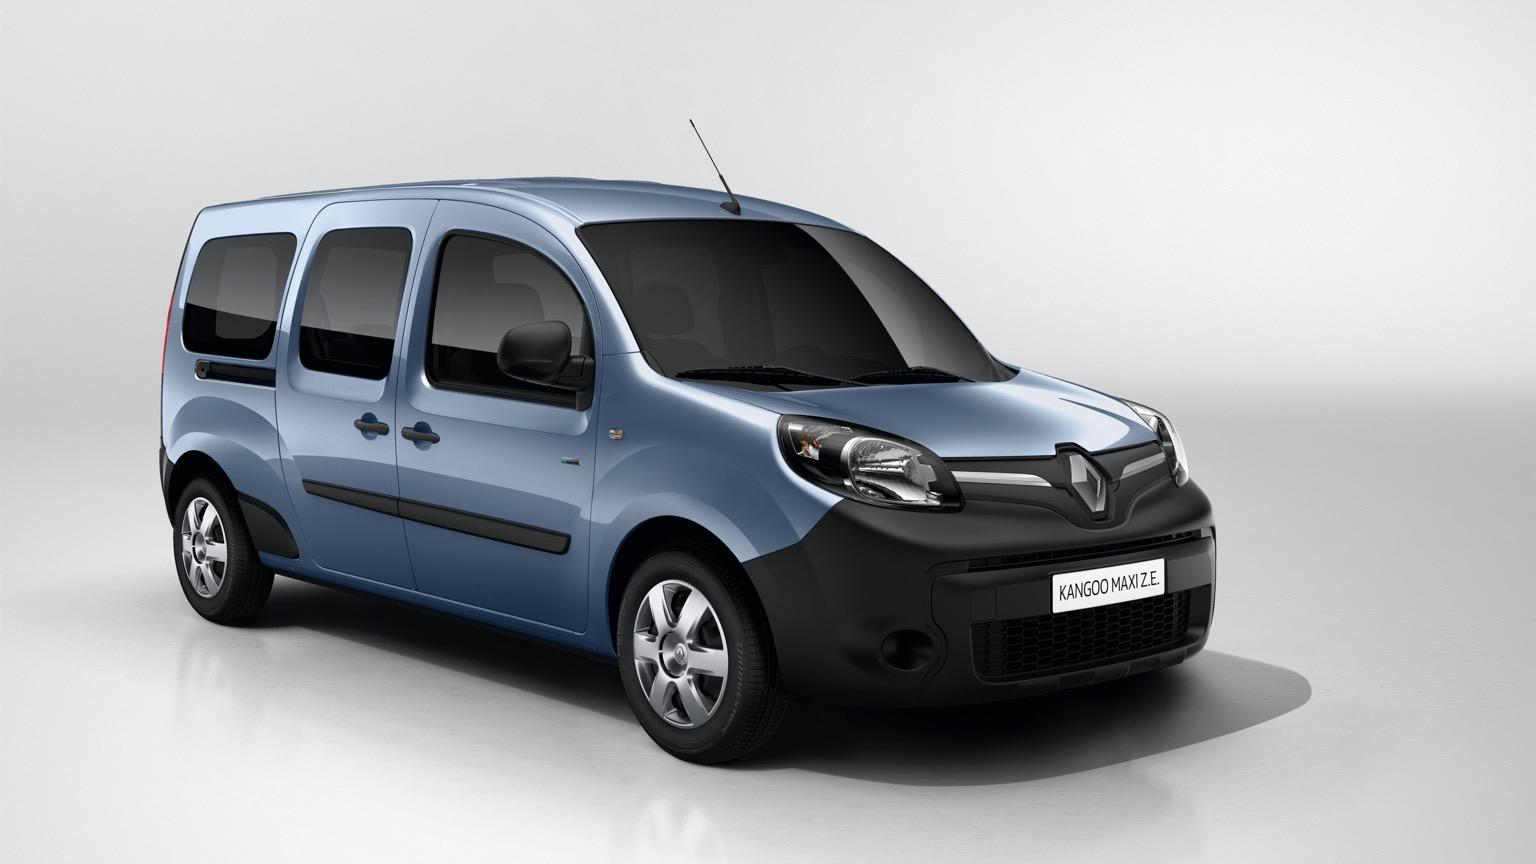 Renault Kangoo Maxi ZE 33